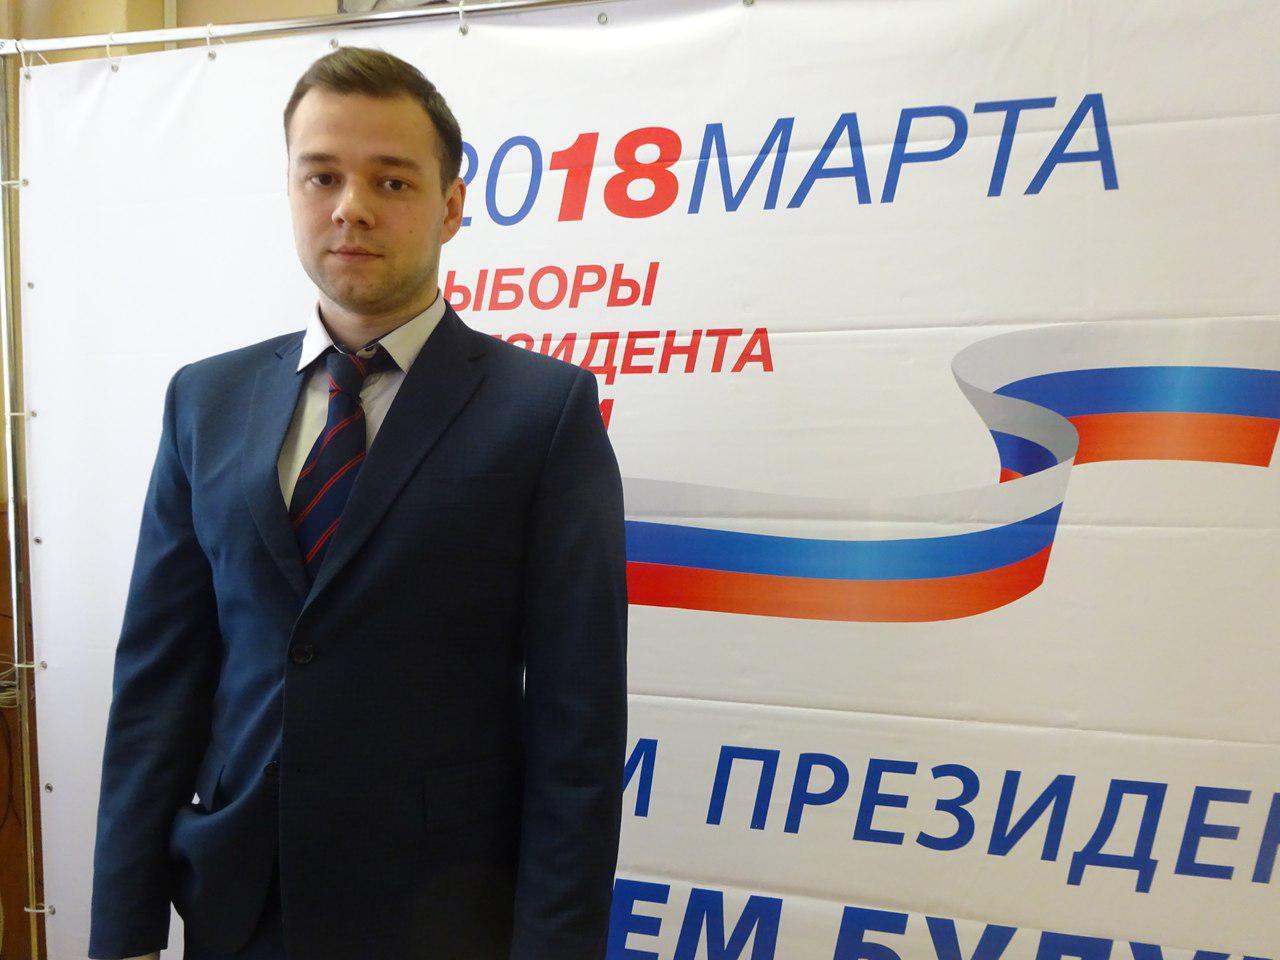 Сергей Тропин: Надеемся, что с каждым годом явка молодежи на выборах будет повышаться